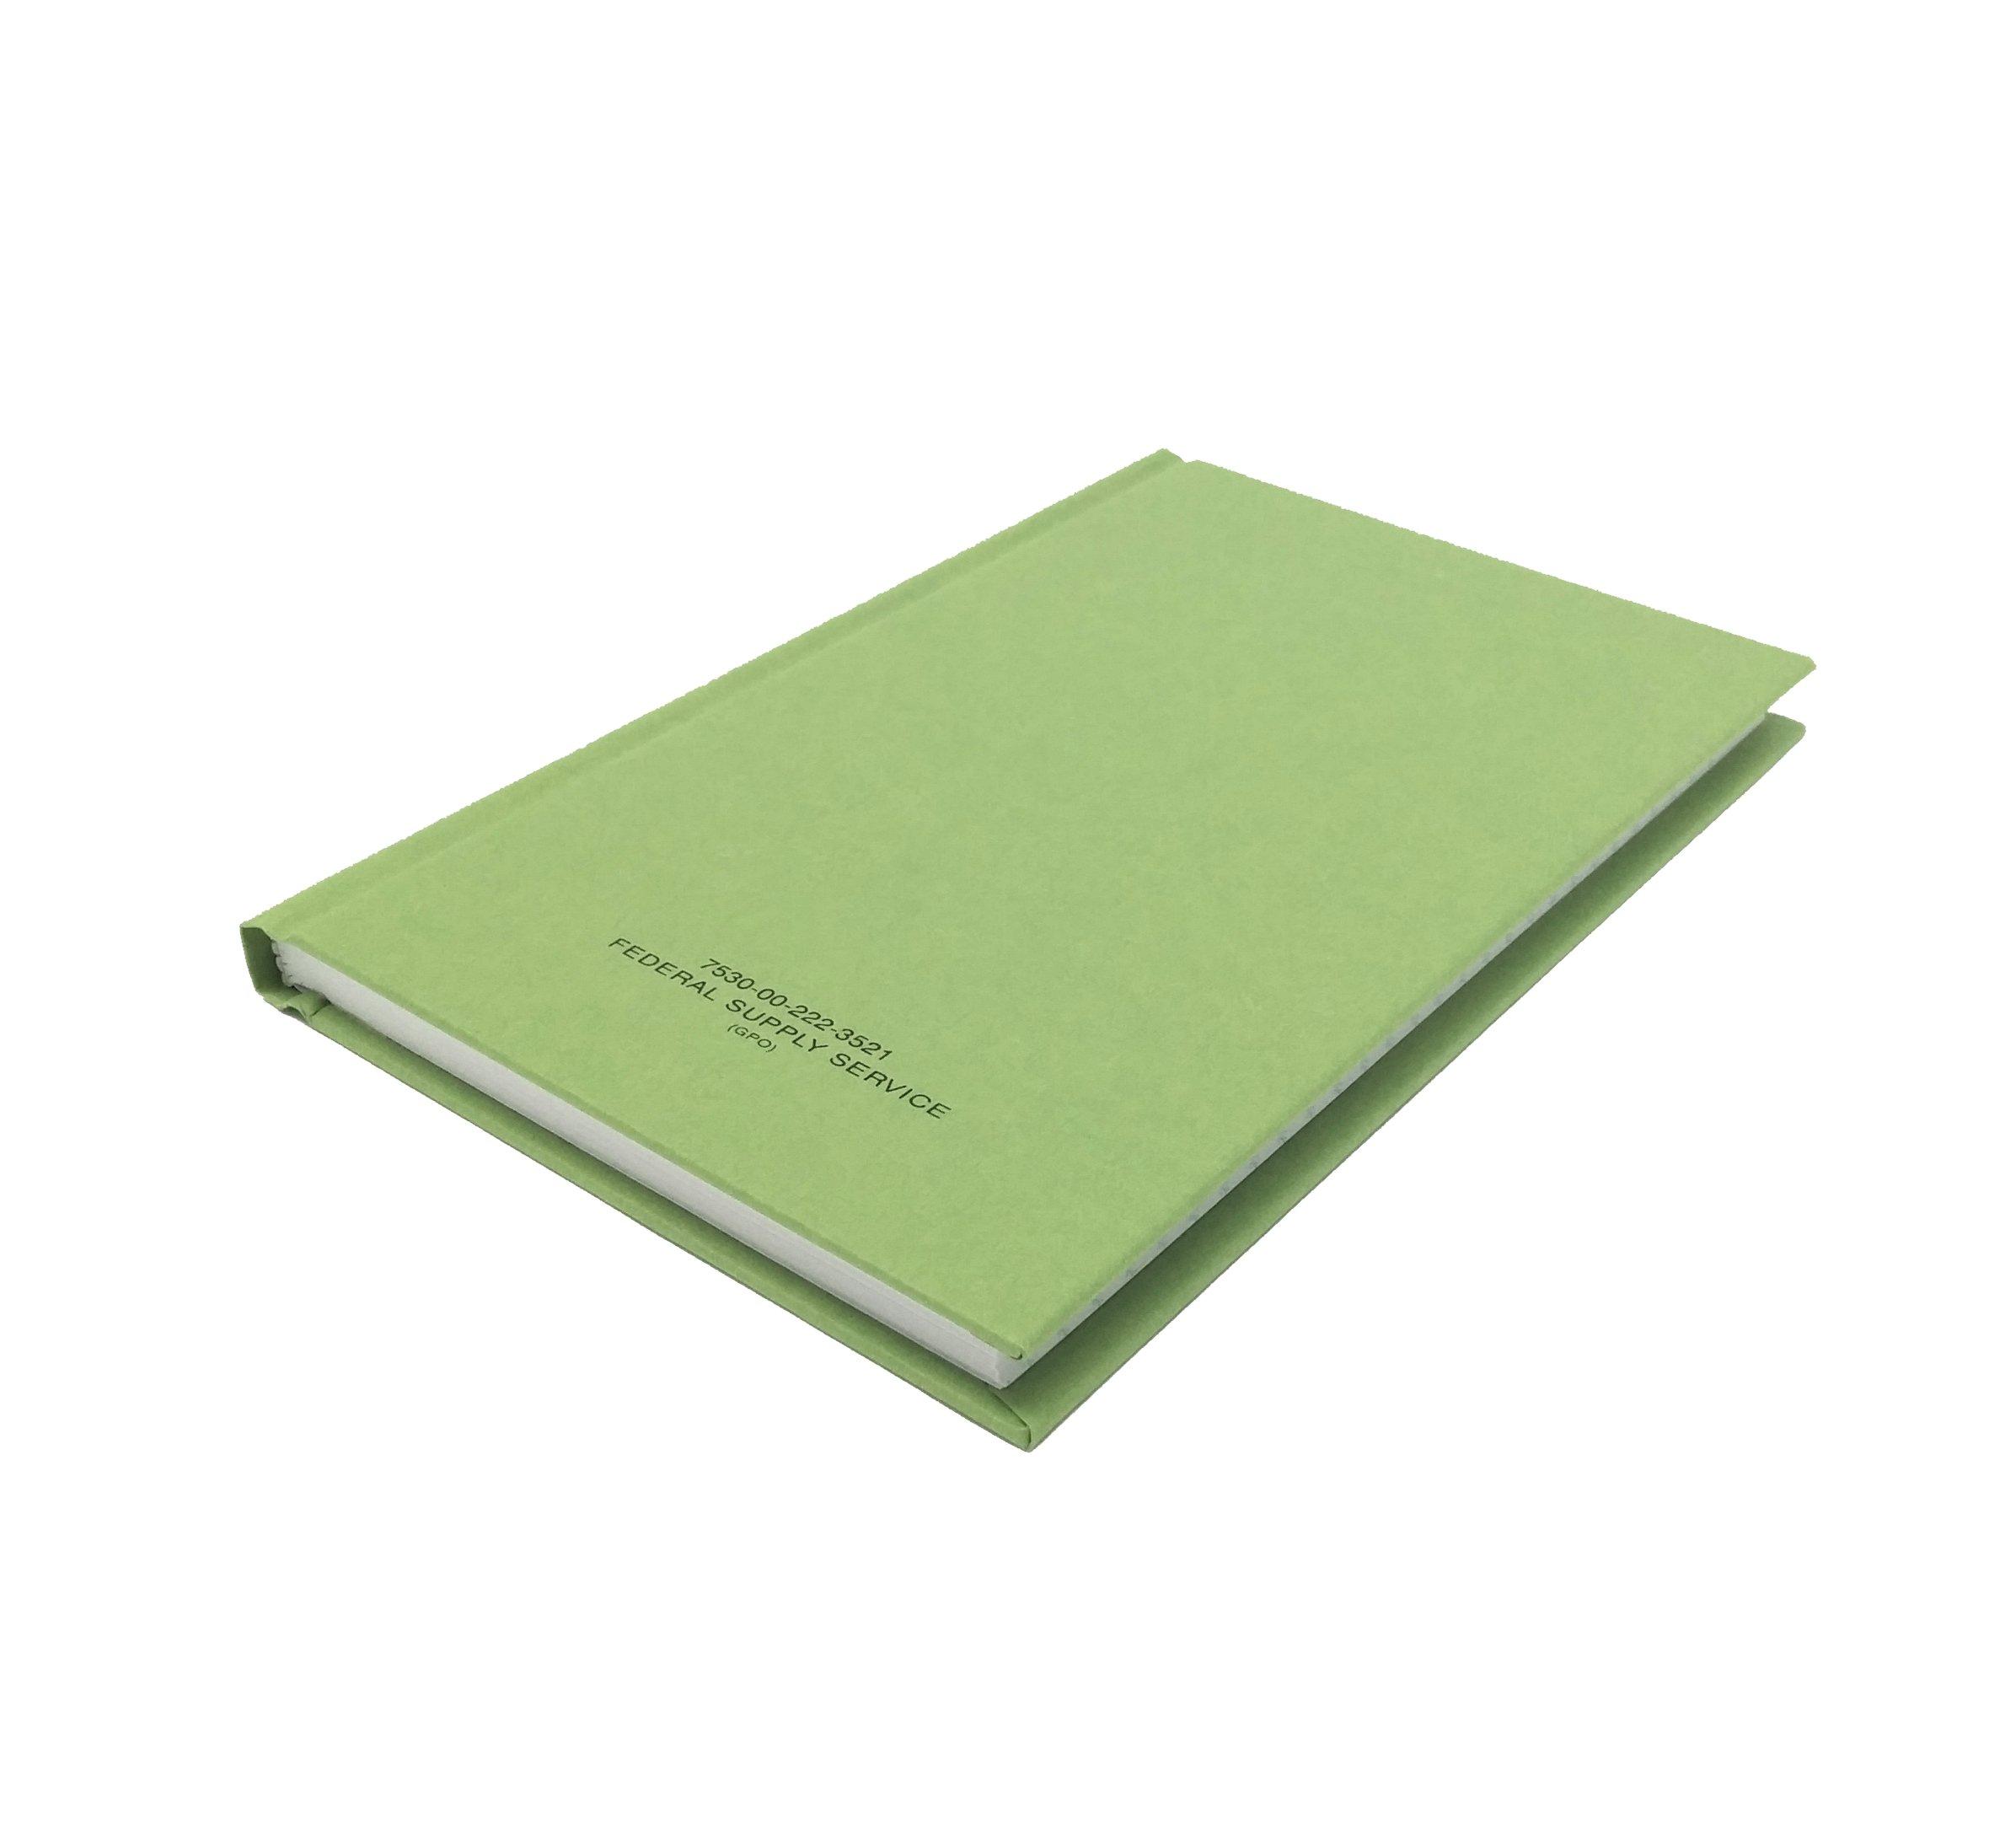 cheap diy book binding